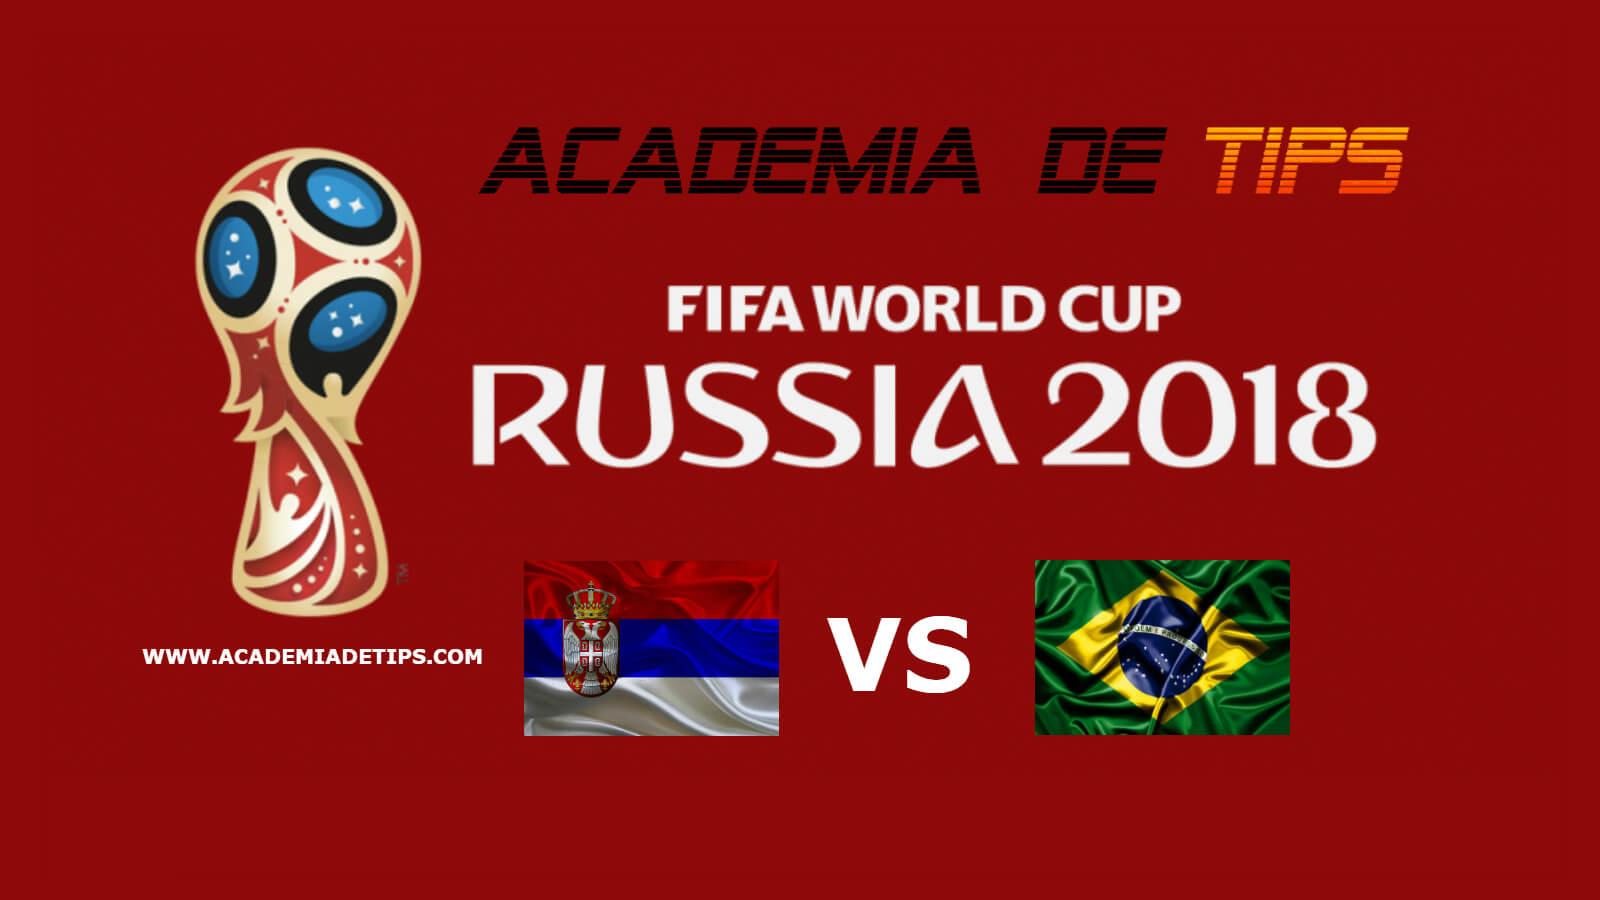 Prognóstico Sérvia vs Brasil - Mundial FIFA 2018 • Tudo em aberto neste grupo E, com Brasil, Suíça e Sérvia com possibilidades de apuramento e só dependem